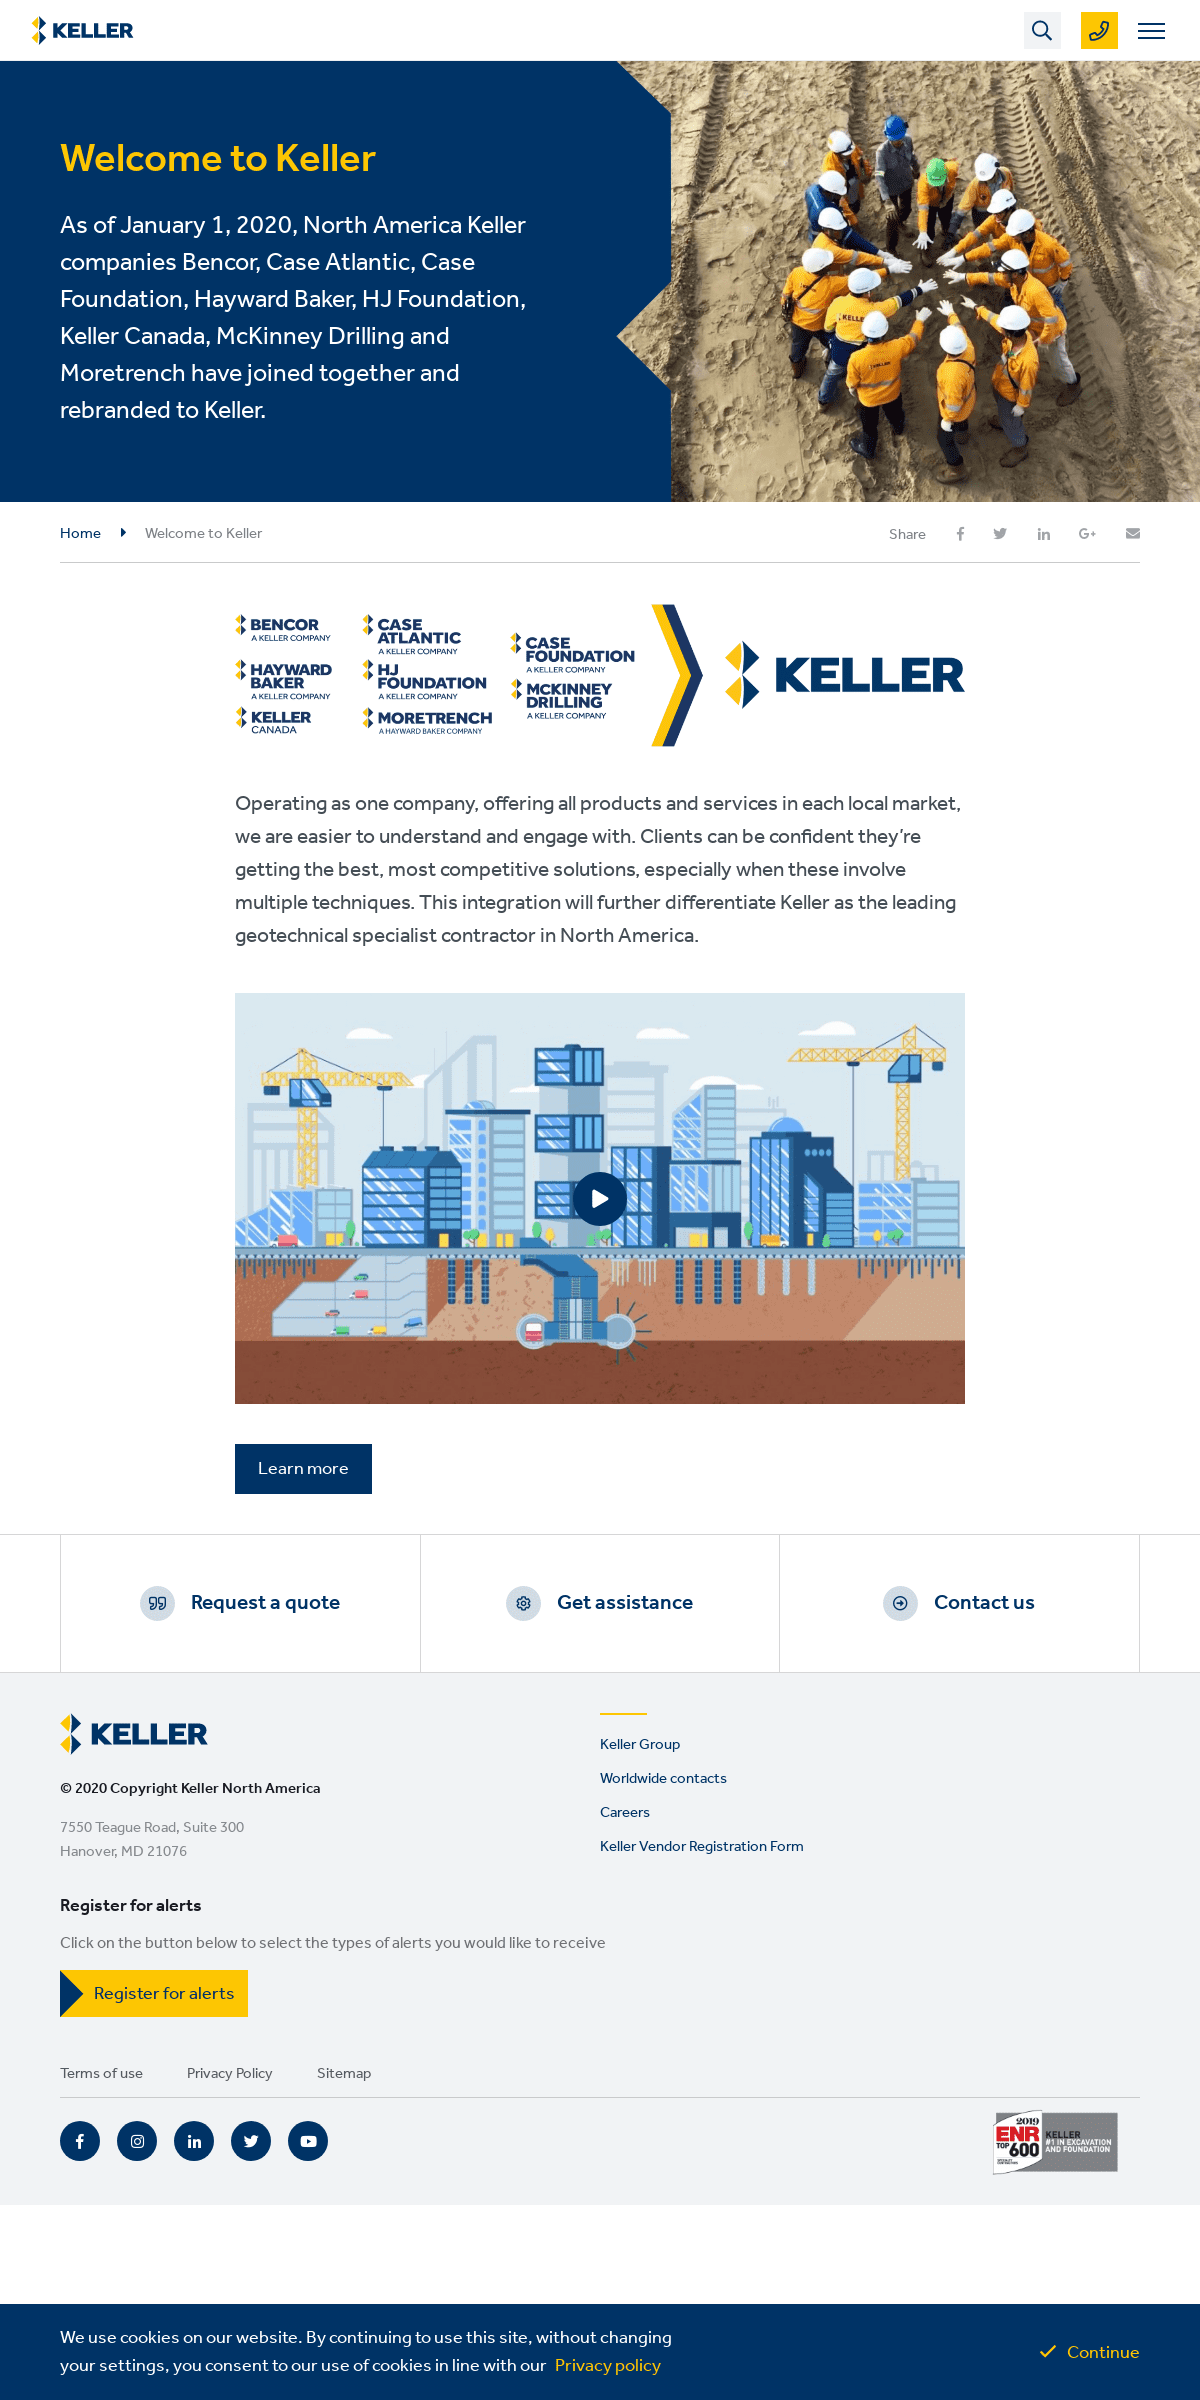 Welcome to Keller - Keller North America